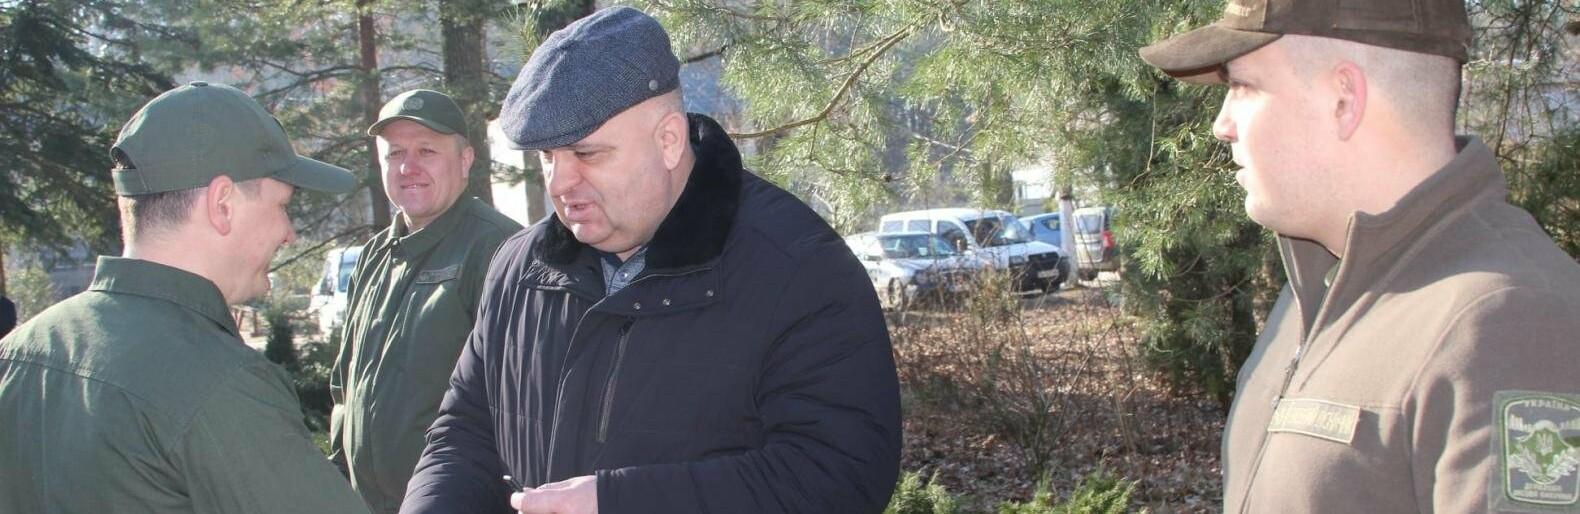 У Костополі посилюють охорону лісів: придбали нову техніку, Олексій Олексієнко